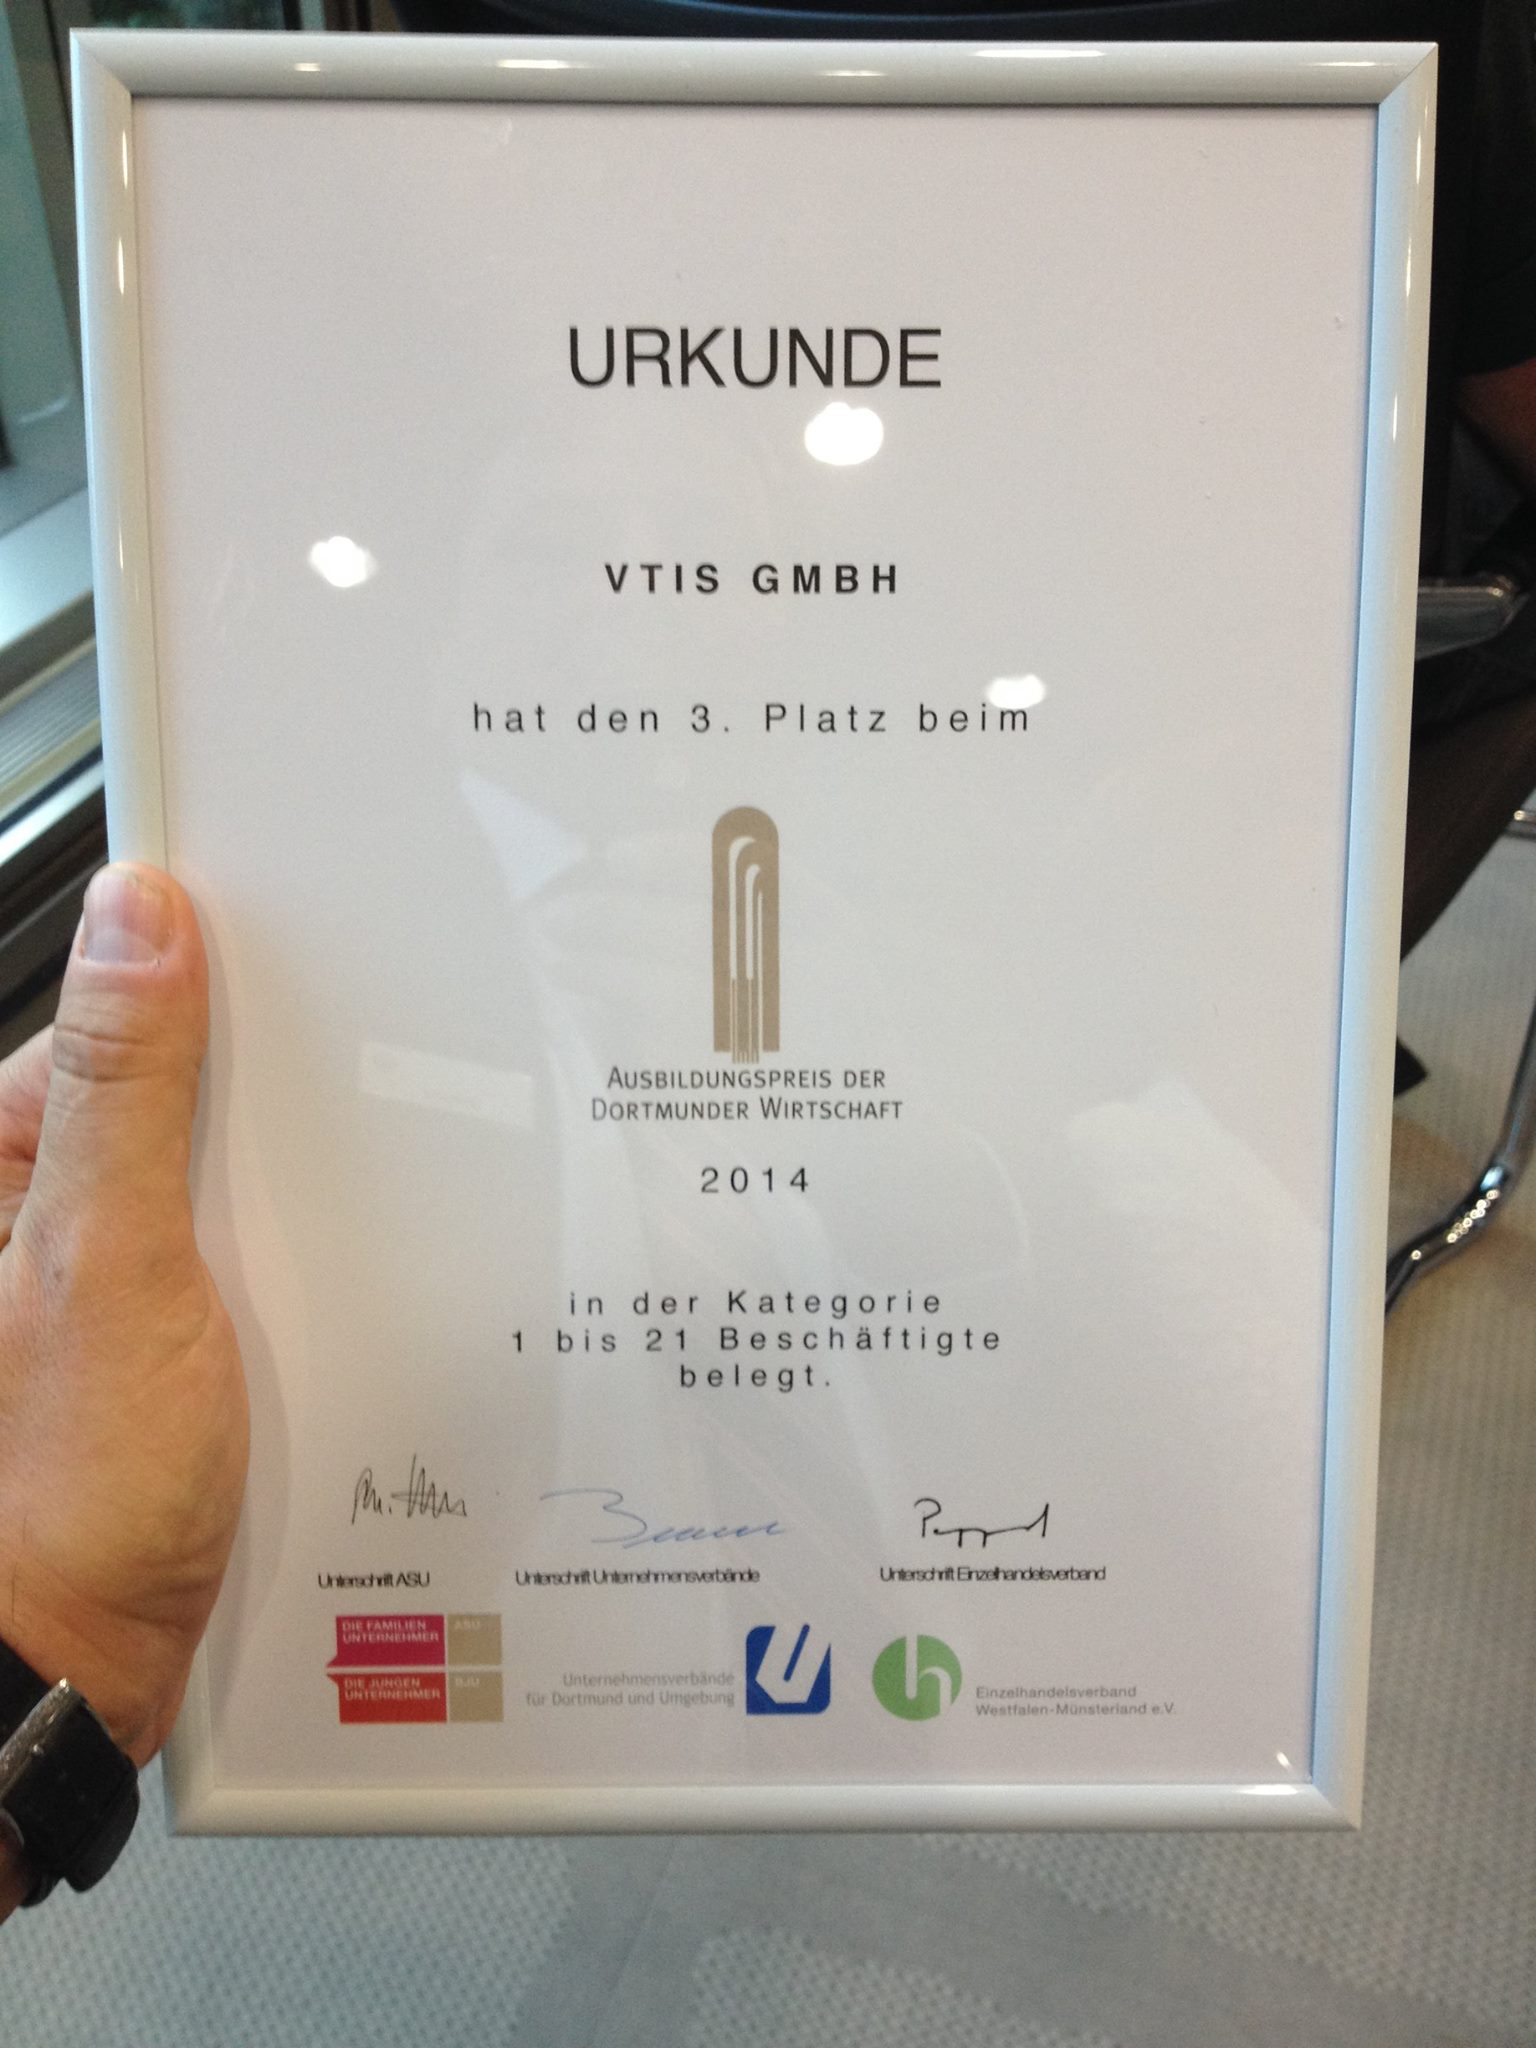 Ausbildungspreis 2014 (Bild 1)